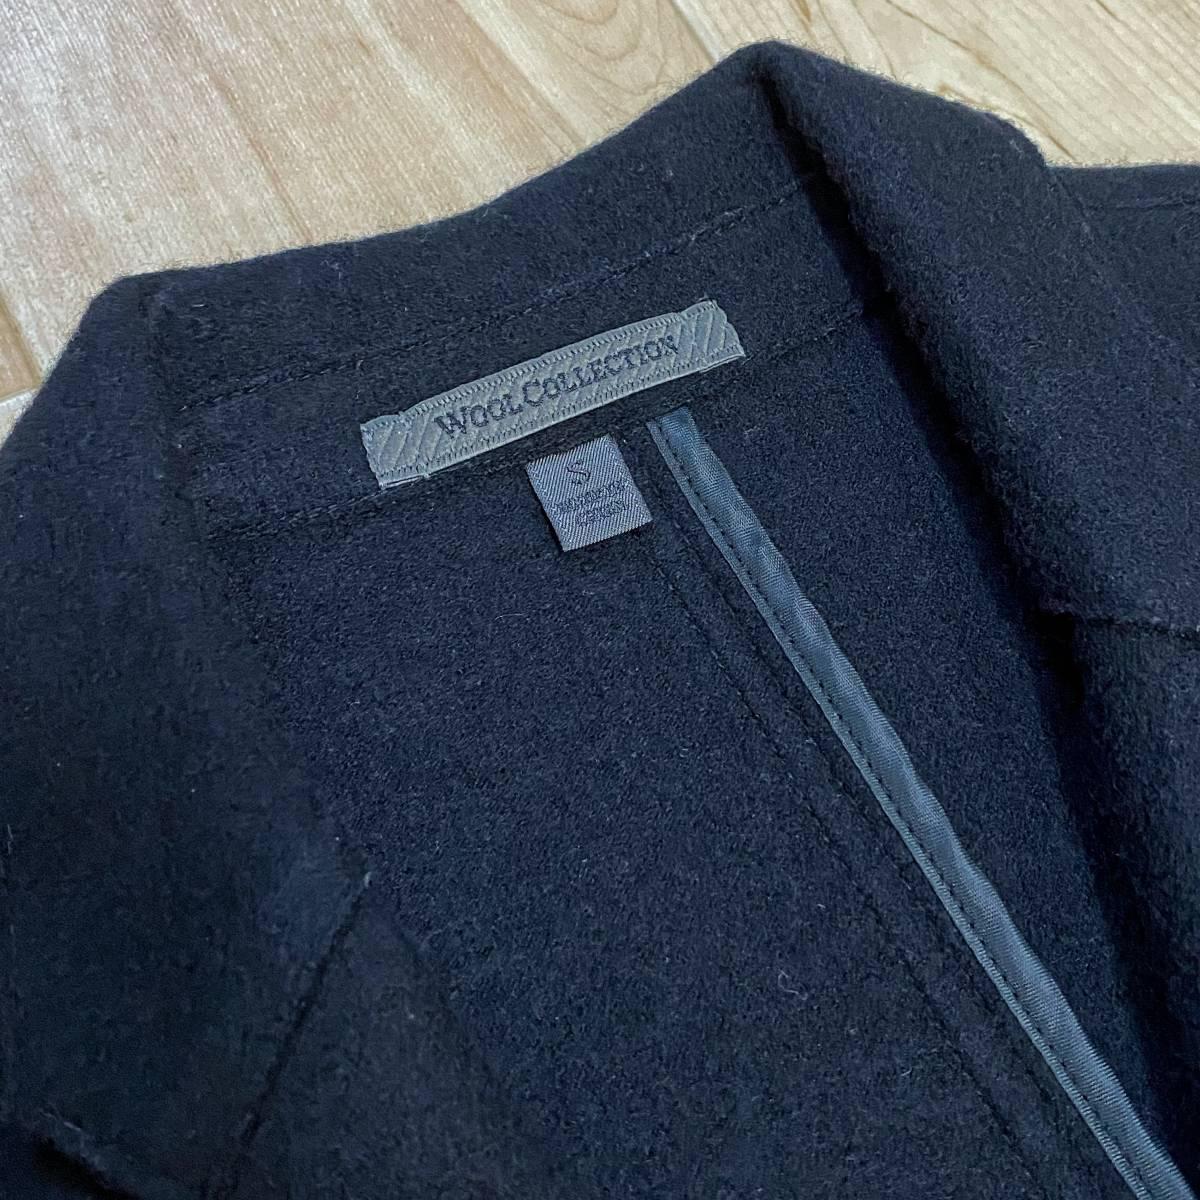 UNIQLO ウールコレクションジャケット S / ユニクロ_画像2